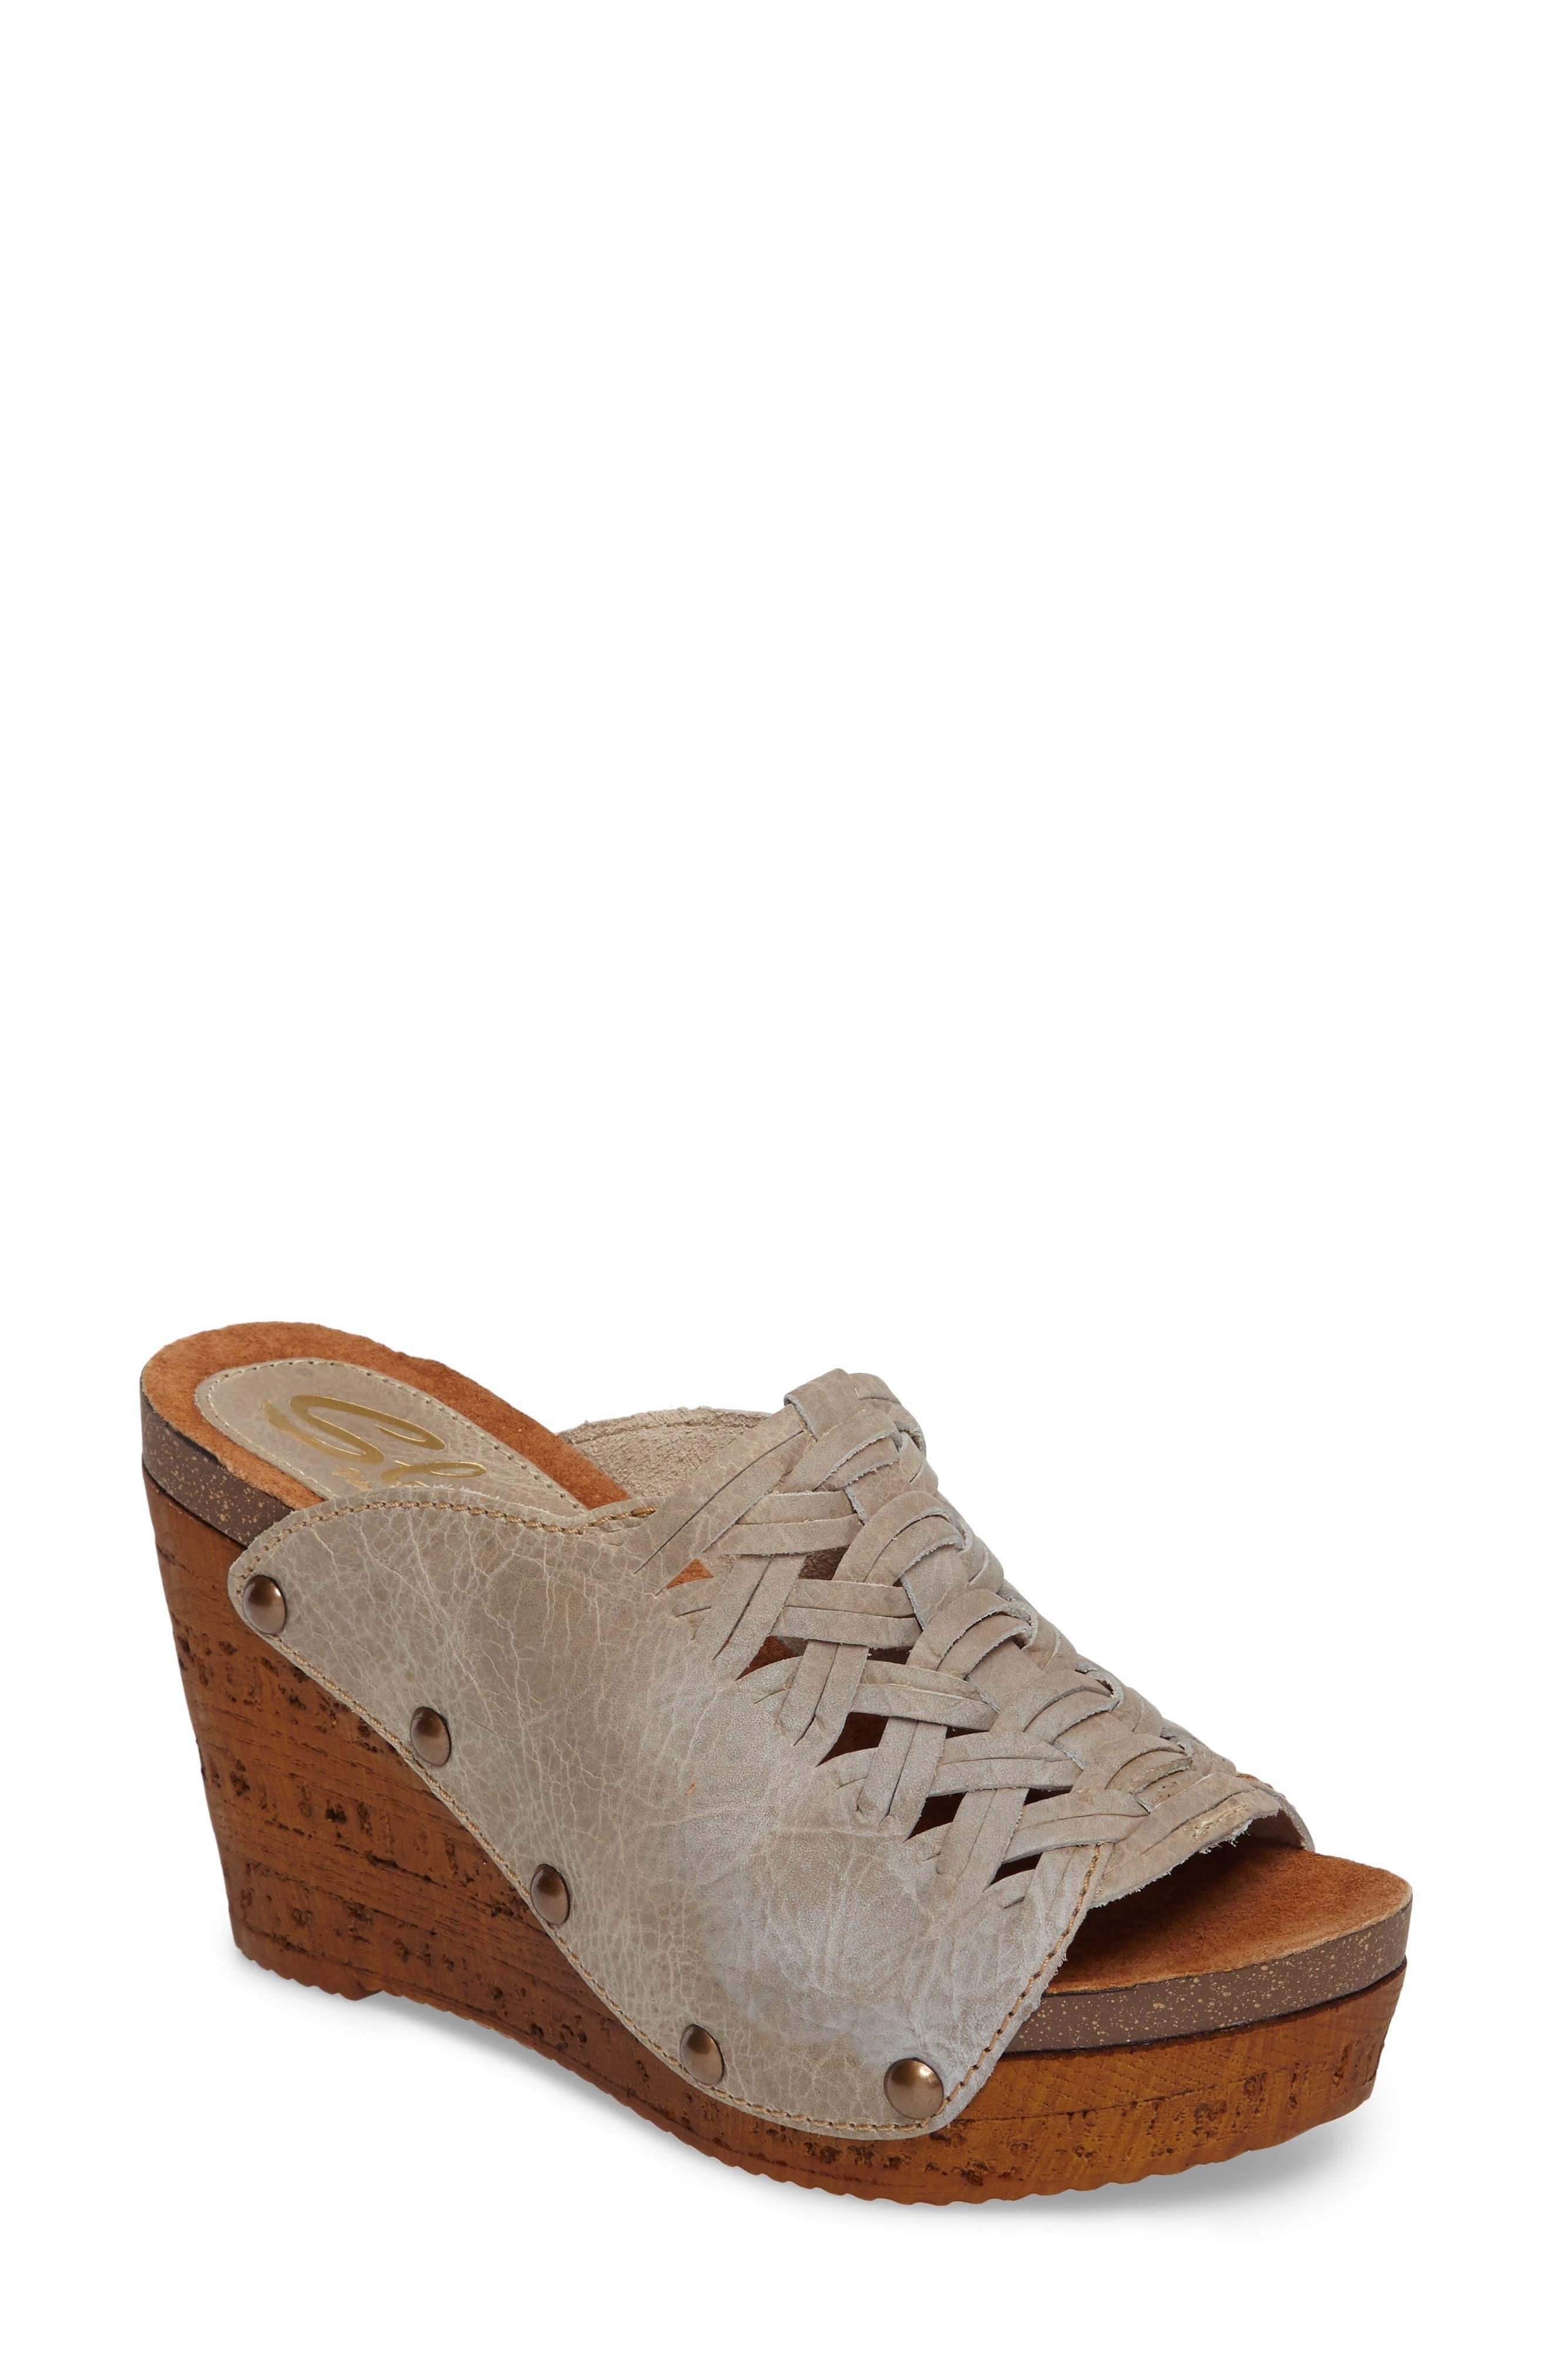 Main Image - Sbicca Genesis Platform Wedge Sandal (Women)